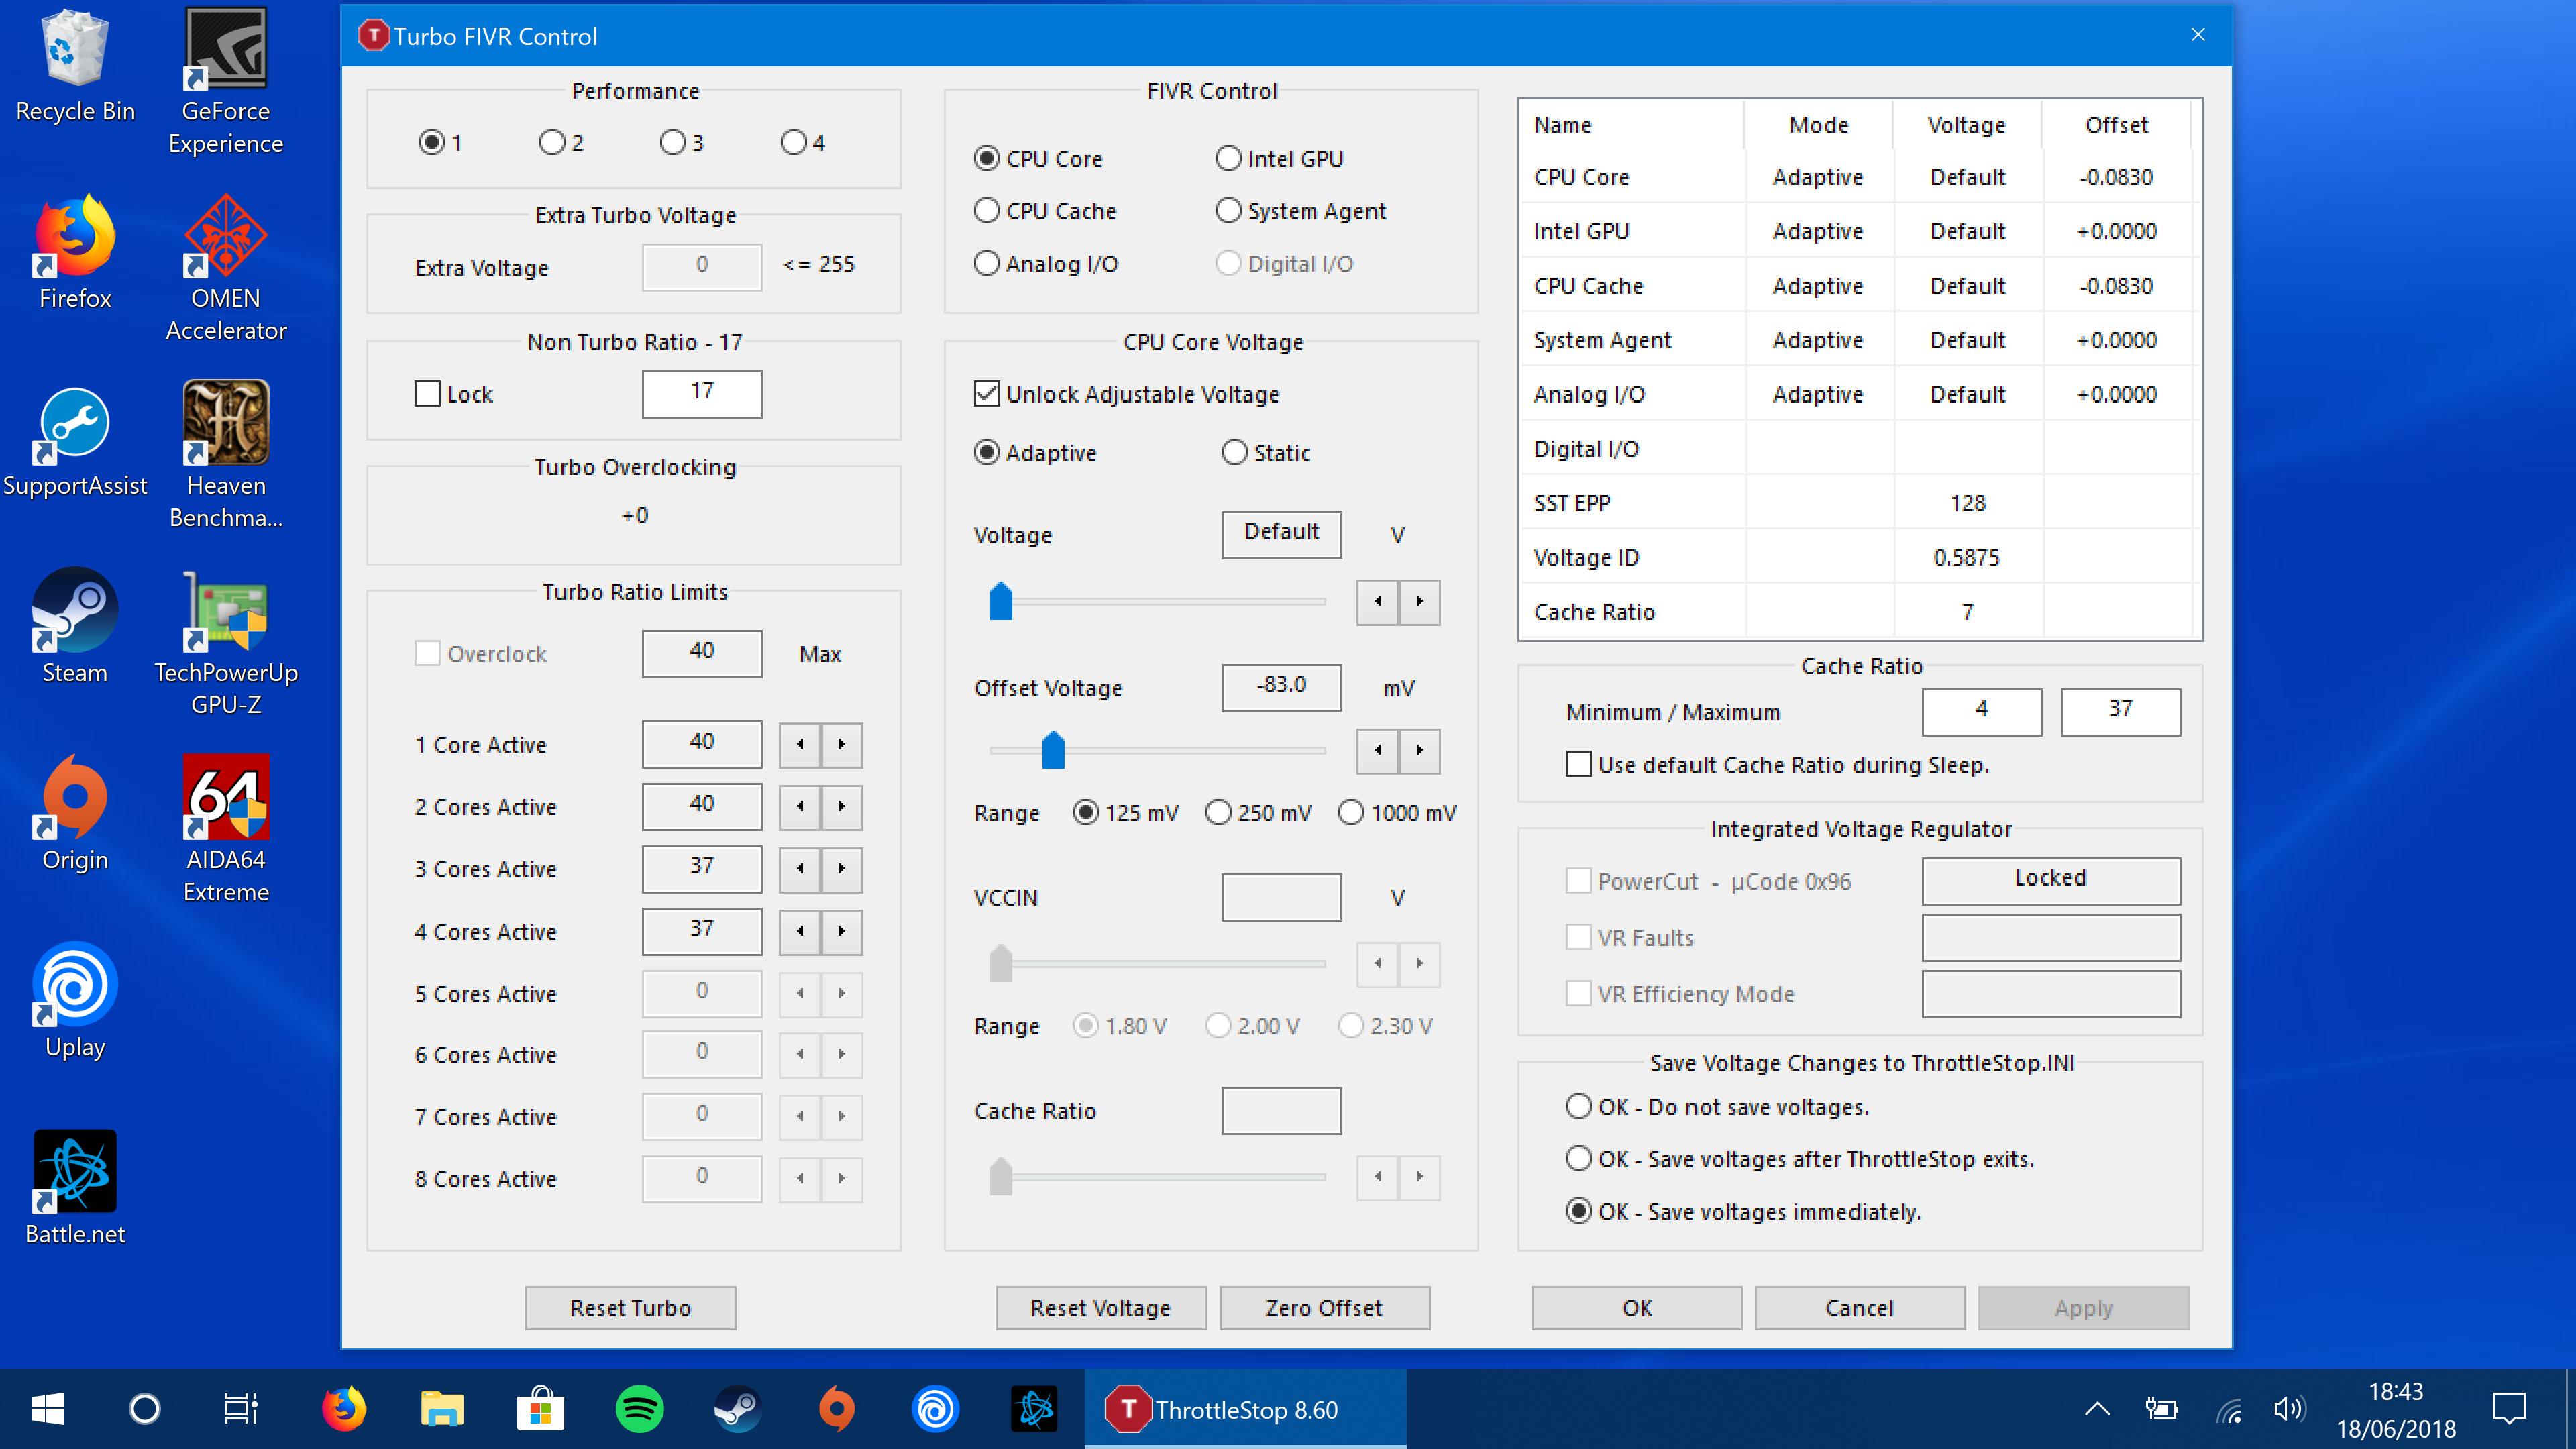 Throttlestop 8 60 FIVR undervolt settings not applying